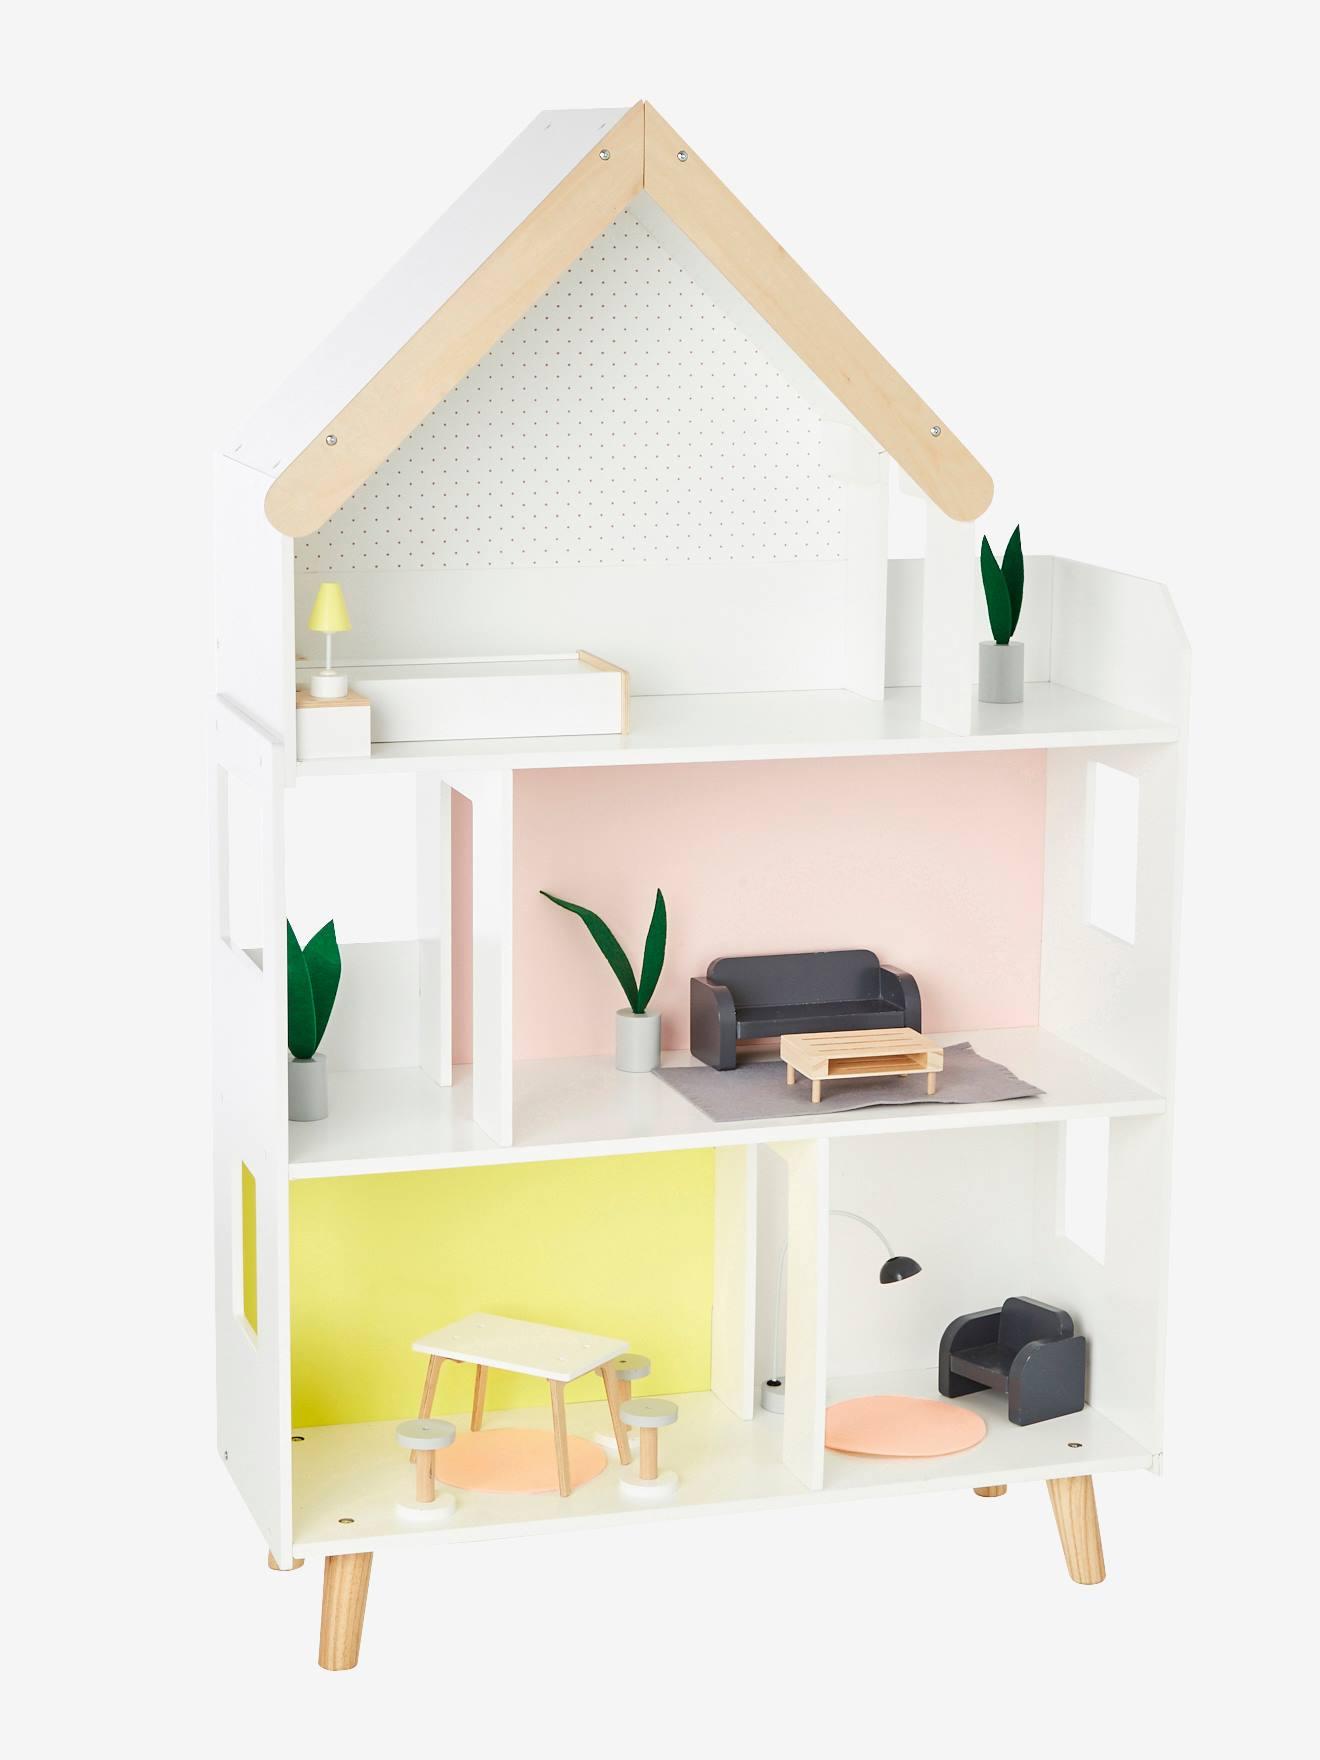 Maison De Poupee Mannequin Multicolore Vertbaudet